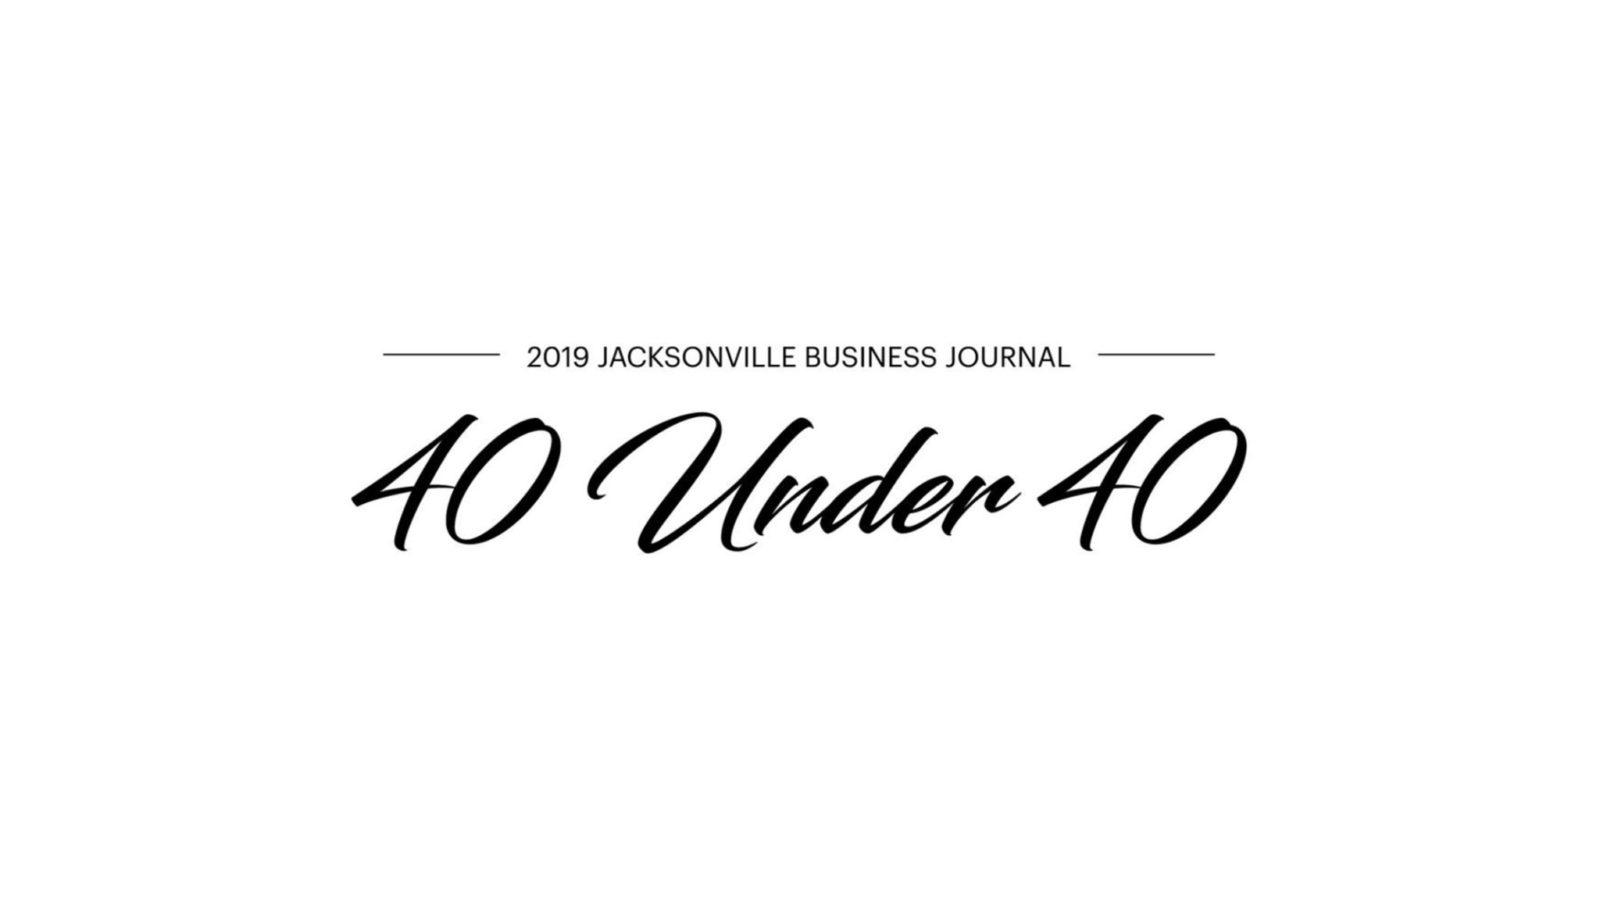 EWC President named to Jacksonville Business Journal's